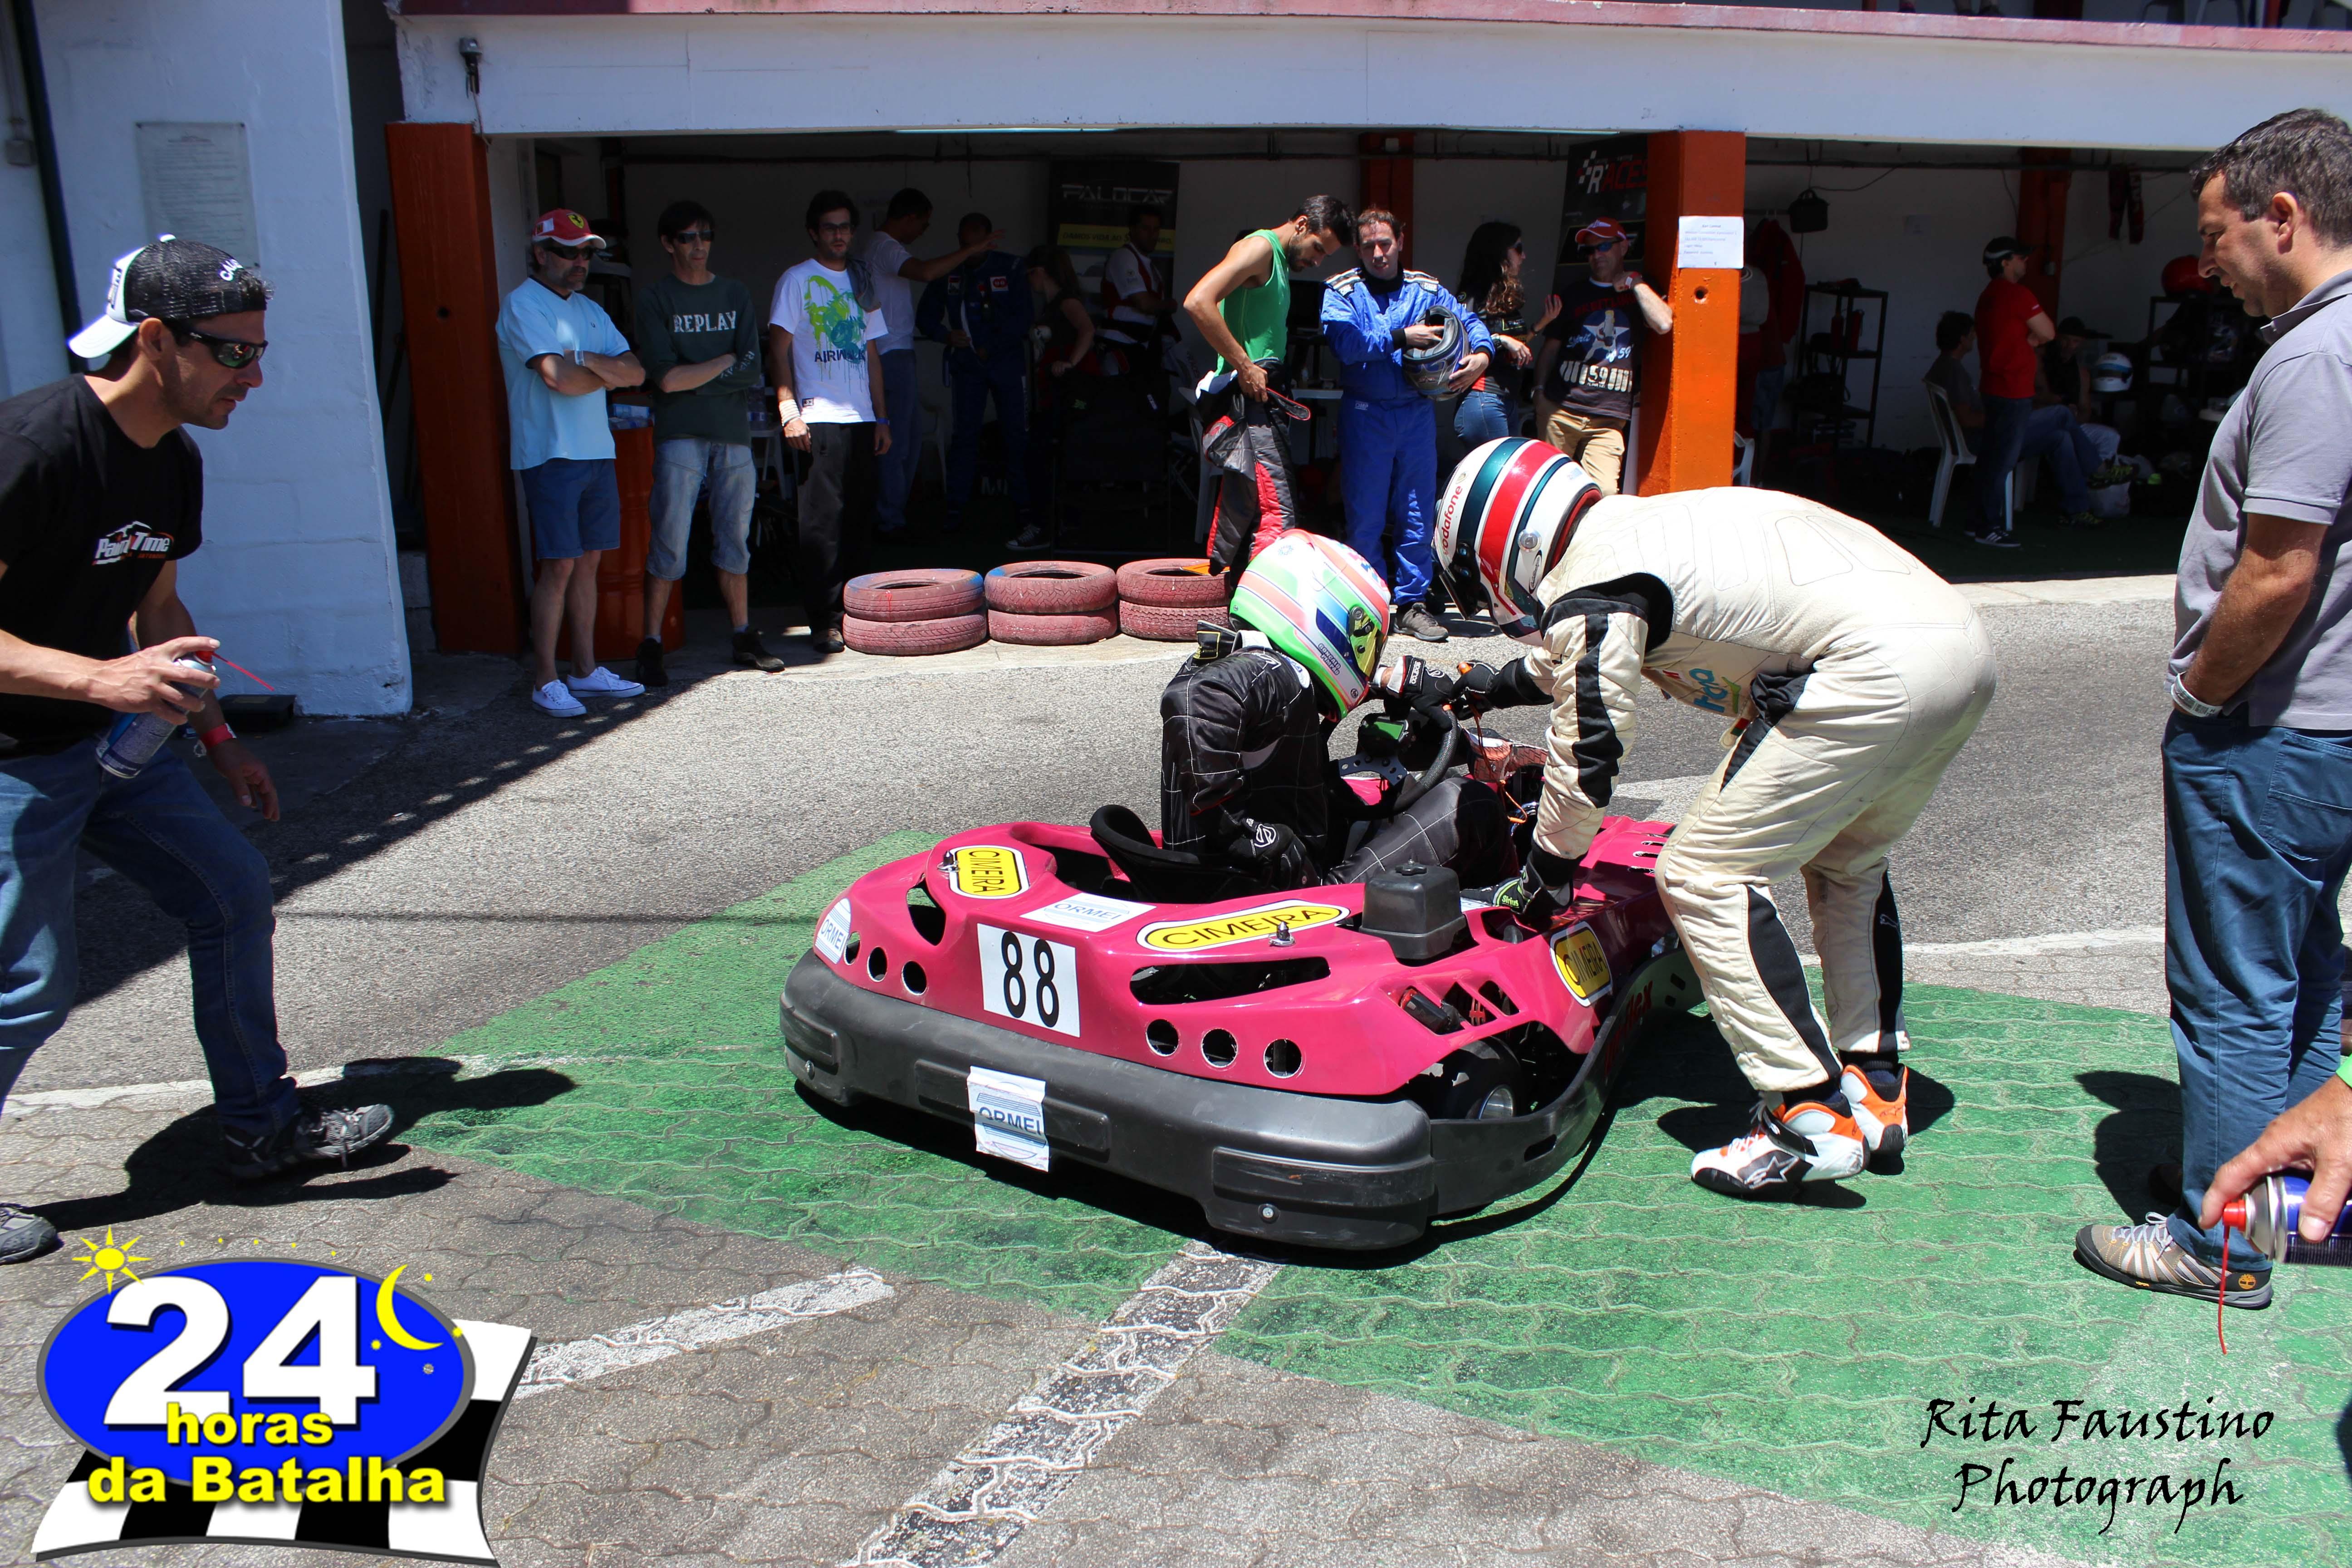 24 Horas da Batalha 2015 - Troca de pilotos119